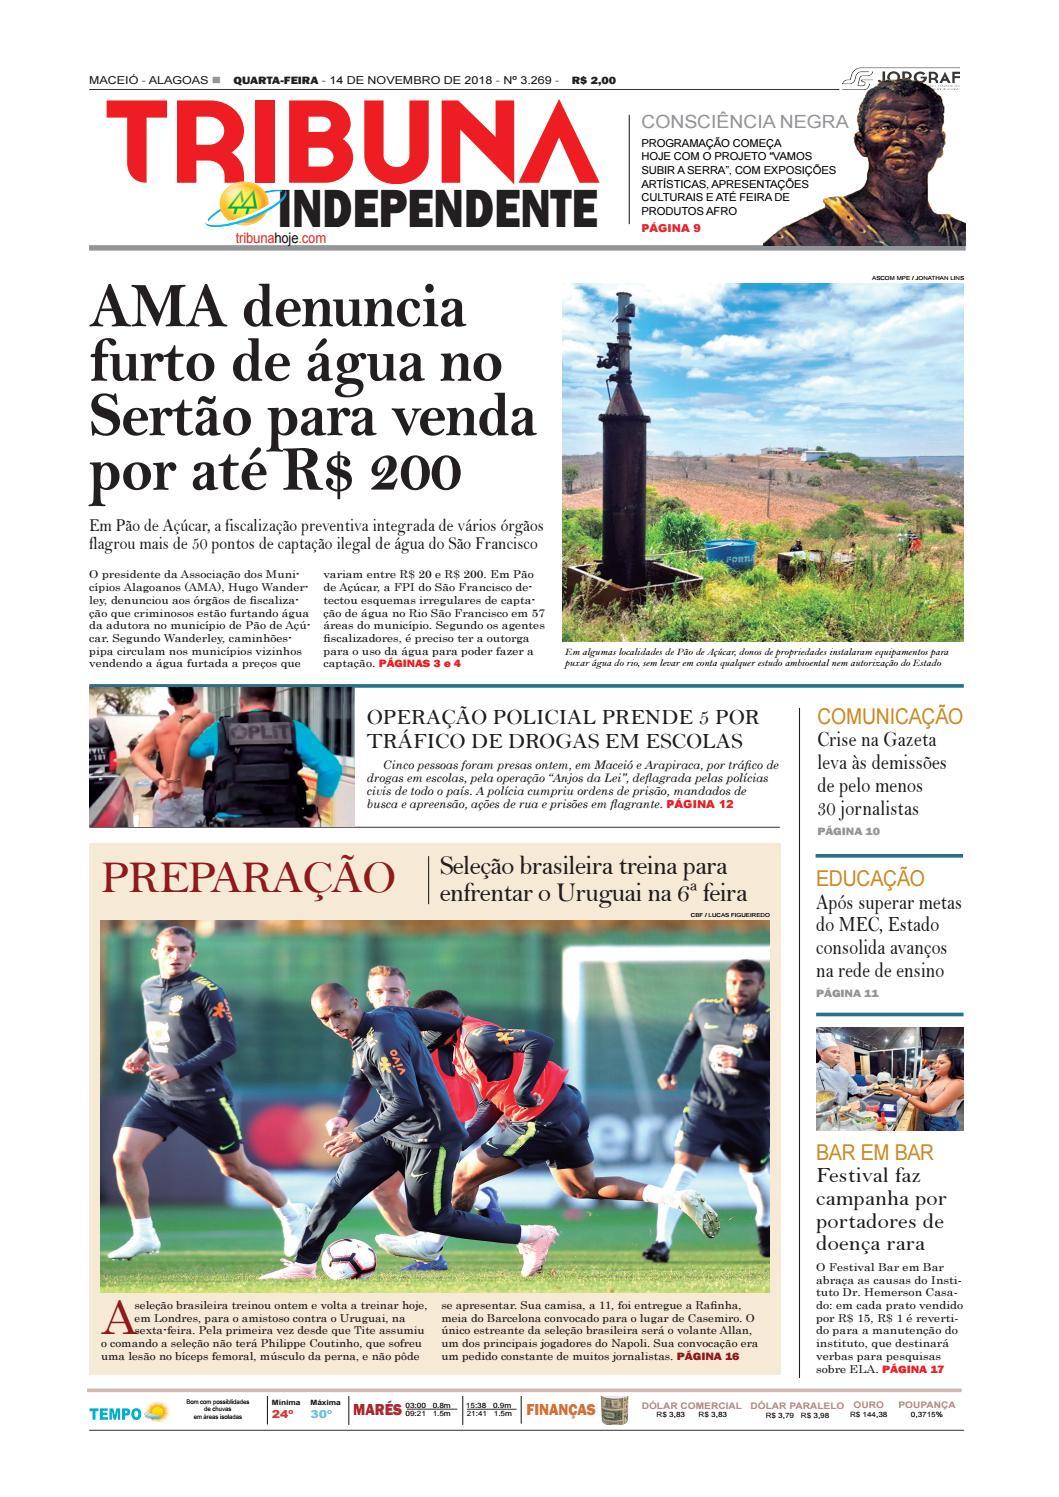 084641b720 Edição número 3269 - 14 de novembro de 2018 by Tribuna Hoje - issuu